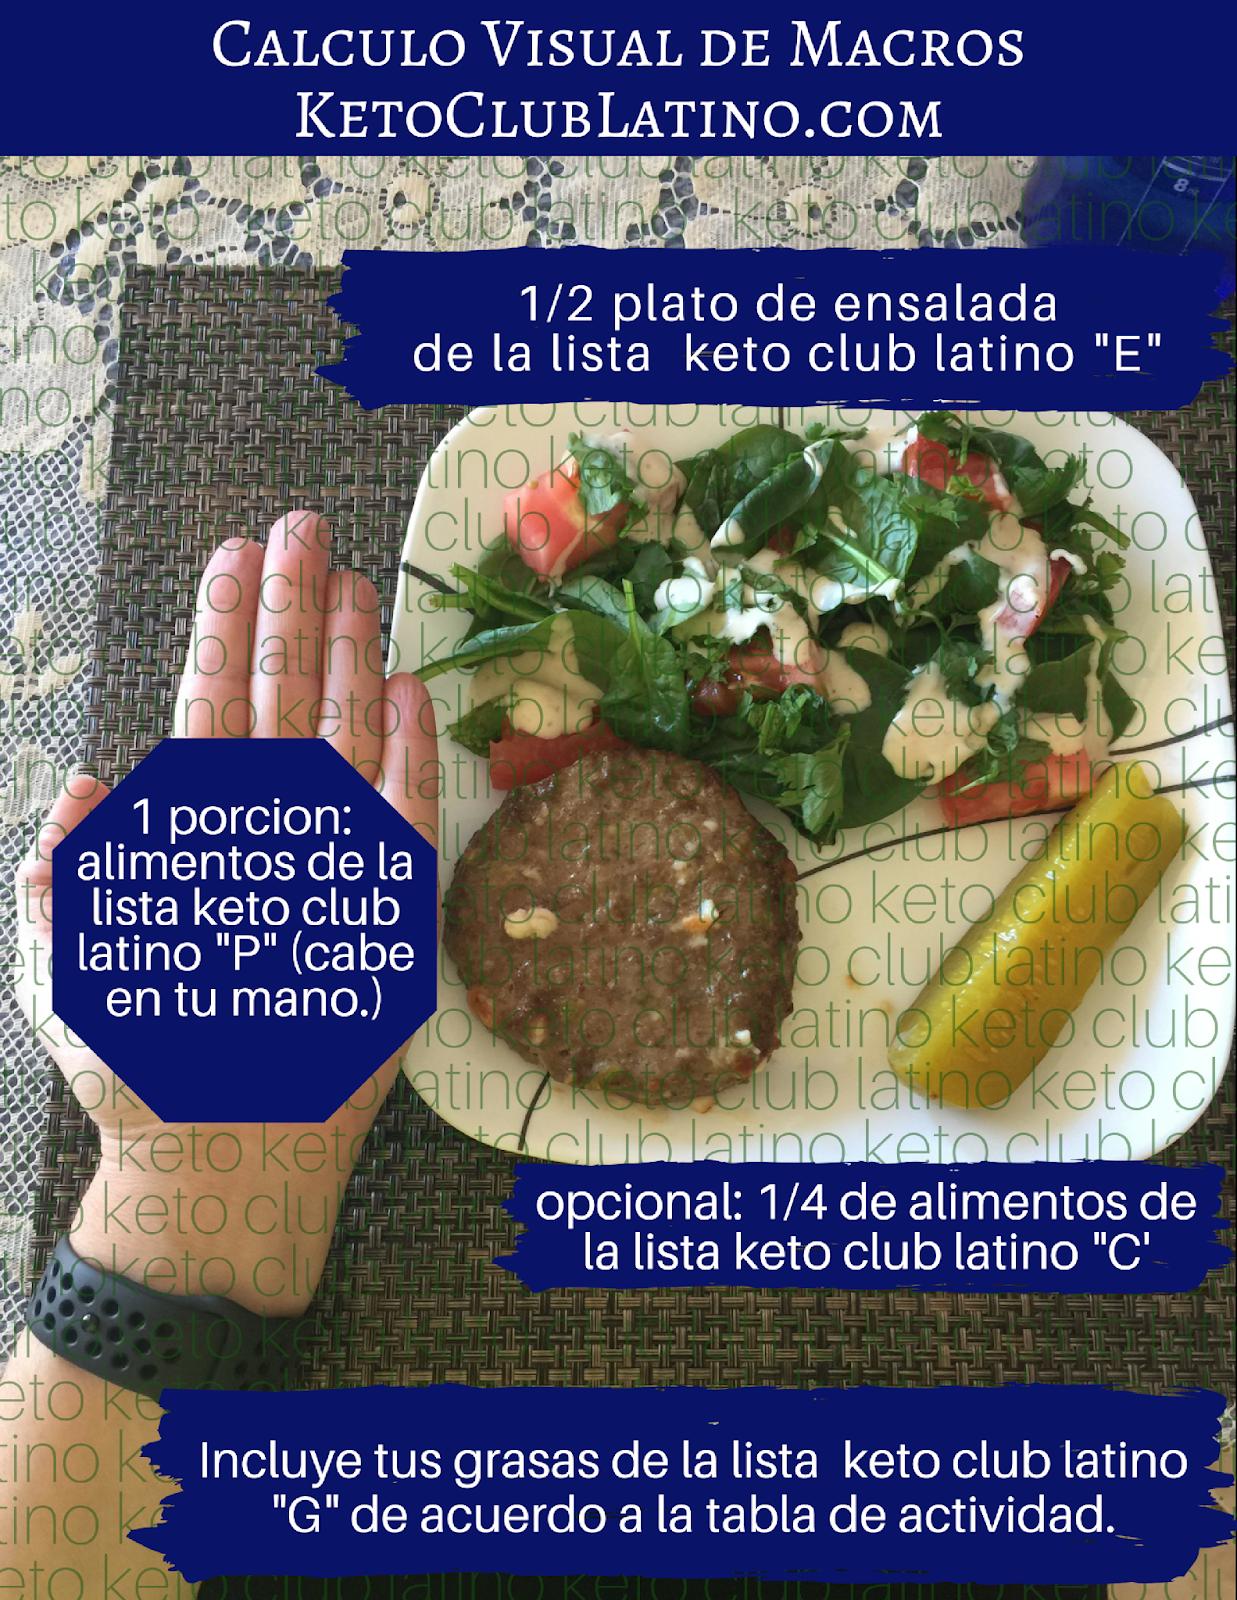 Cómo calcular la dieta cetosis